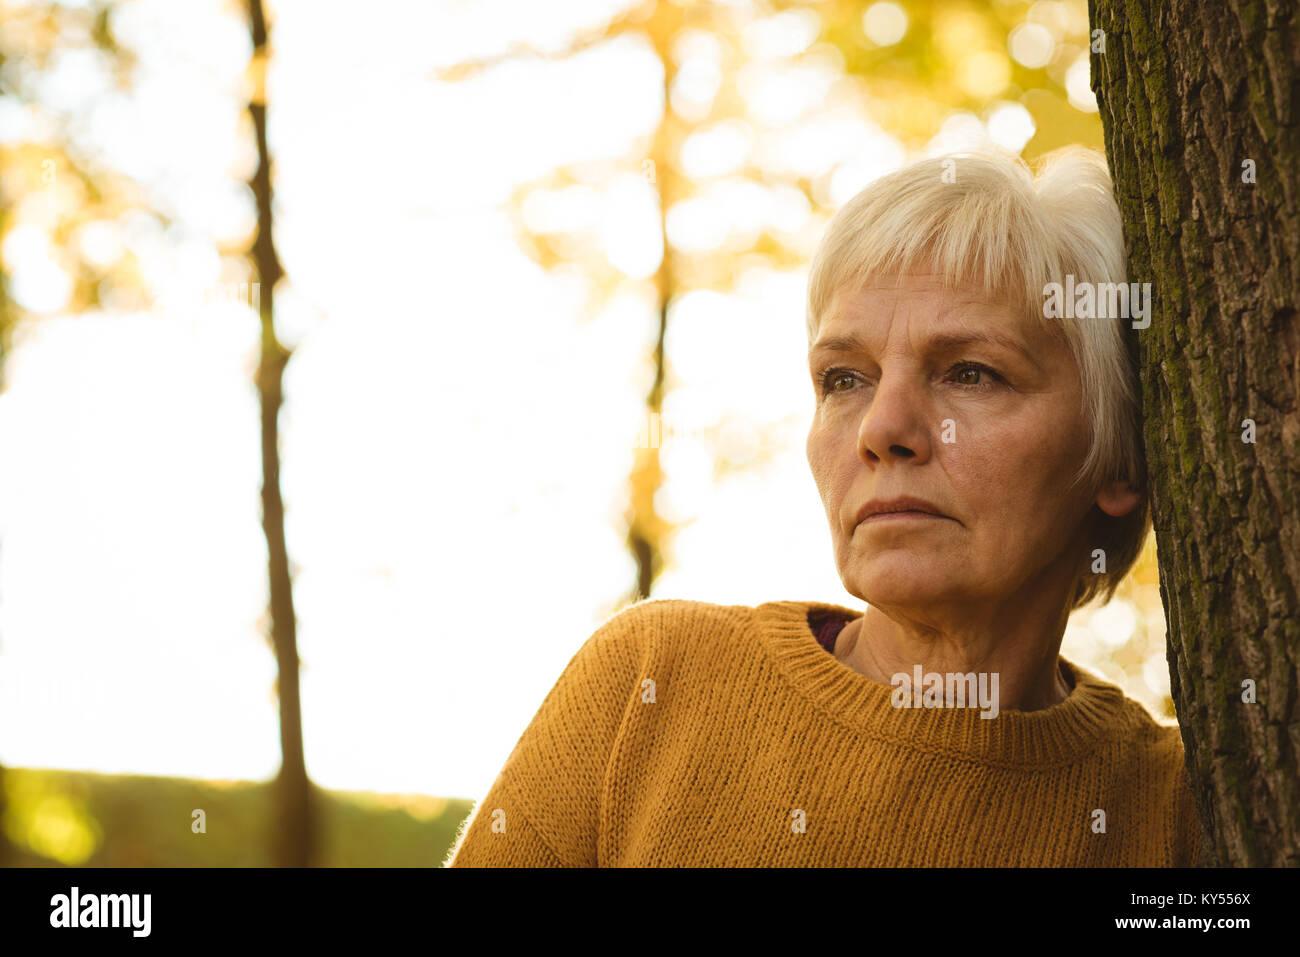 Happy woman leaning on tree trunk dans le parc sur une journée ensoleillée Photo Stock